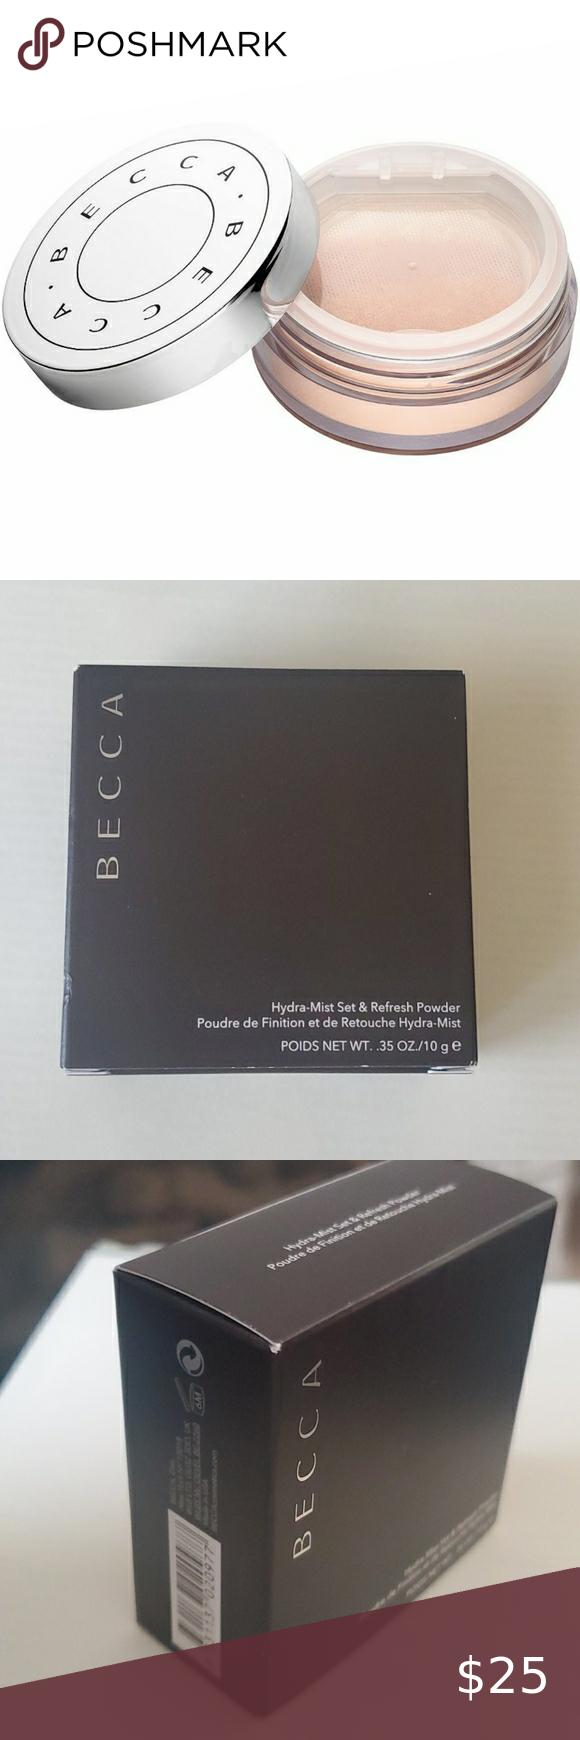 Becca Hydra Mist Set Refresh Powder In 2020 Setting Powder